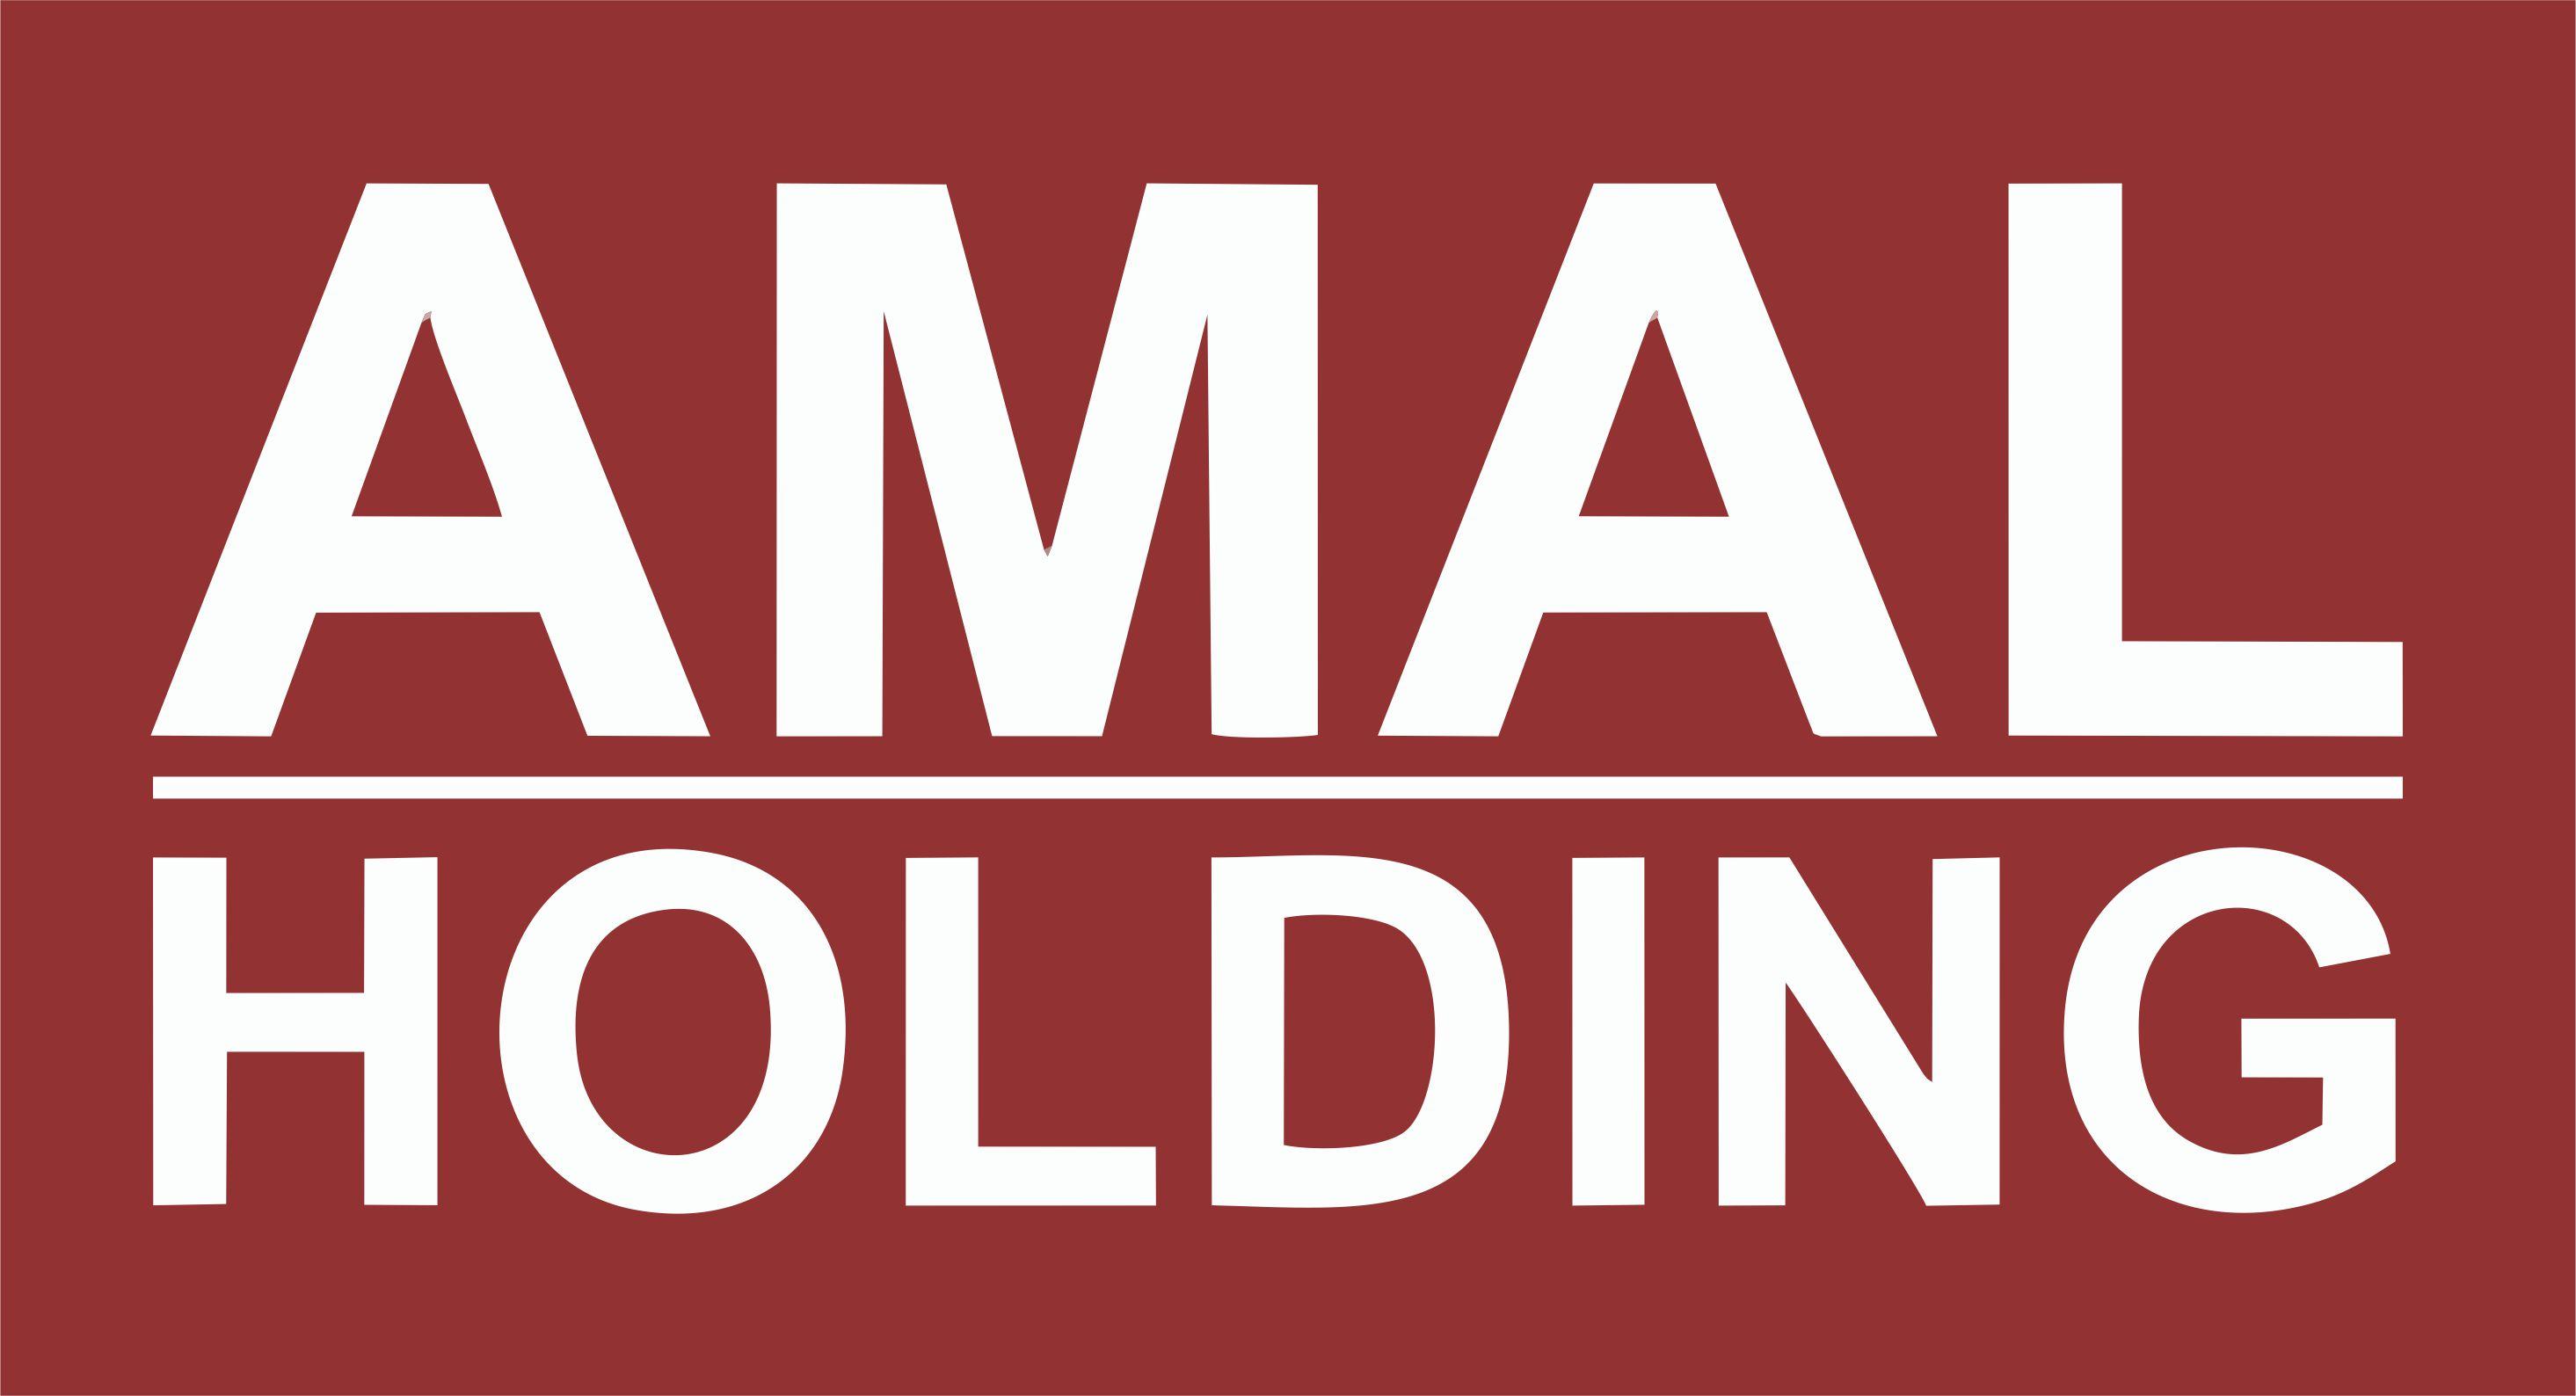 AMAL HOLDING